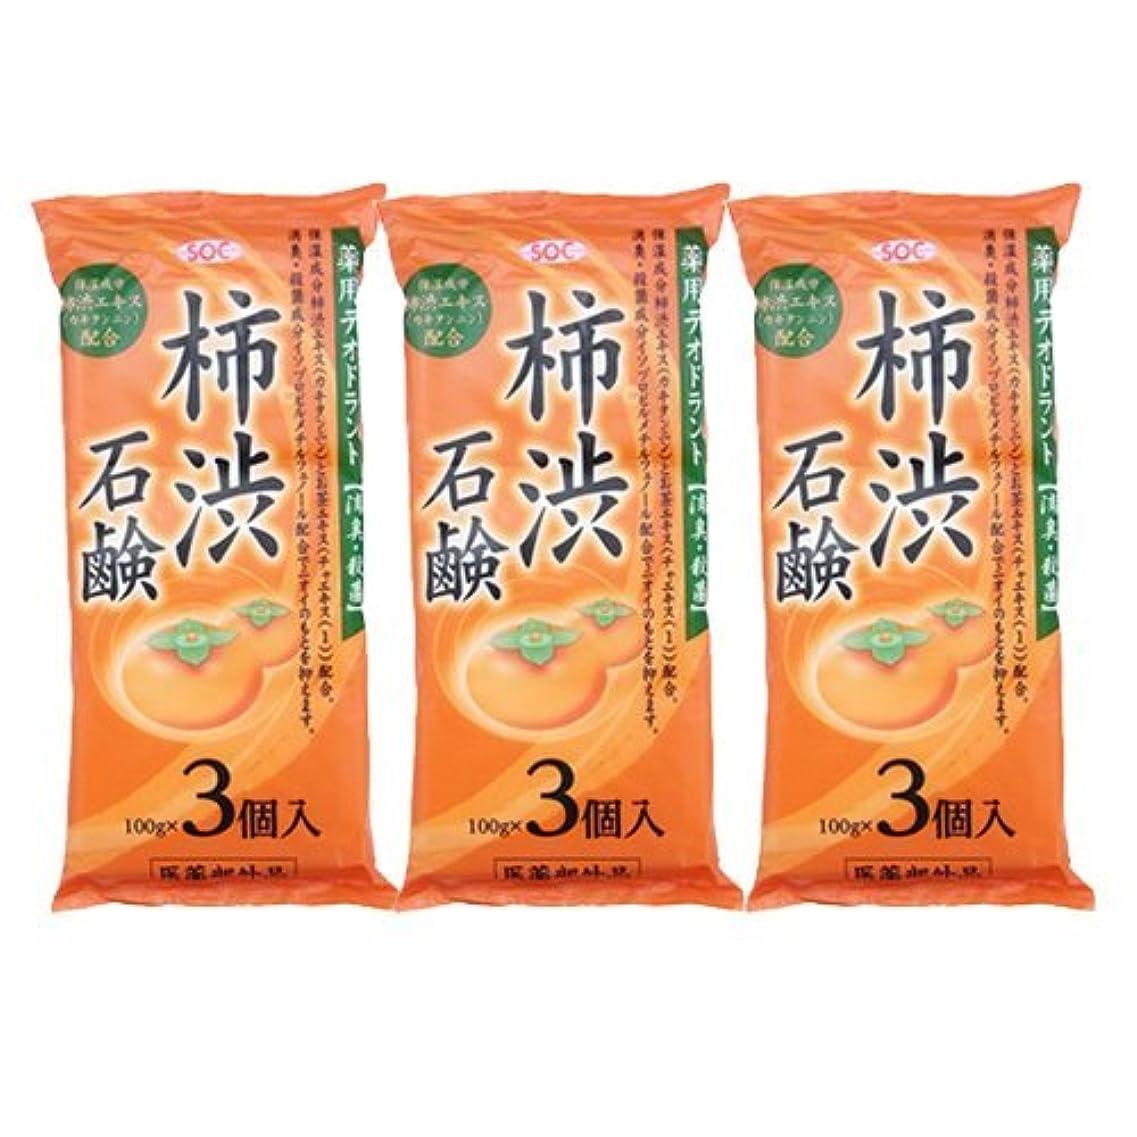 聡明リスキーな場所渋谷油脂 SOC 薬用柿渋石鹸 3P ×3袋セット (100g×9個)